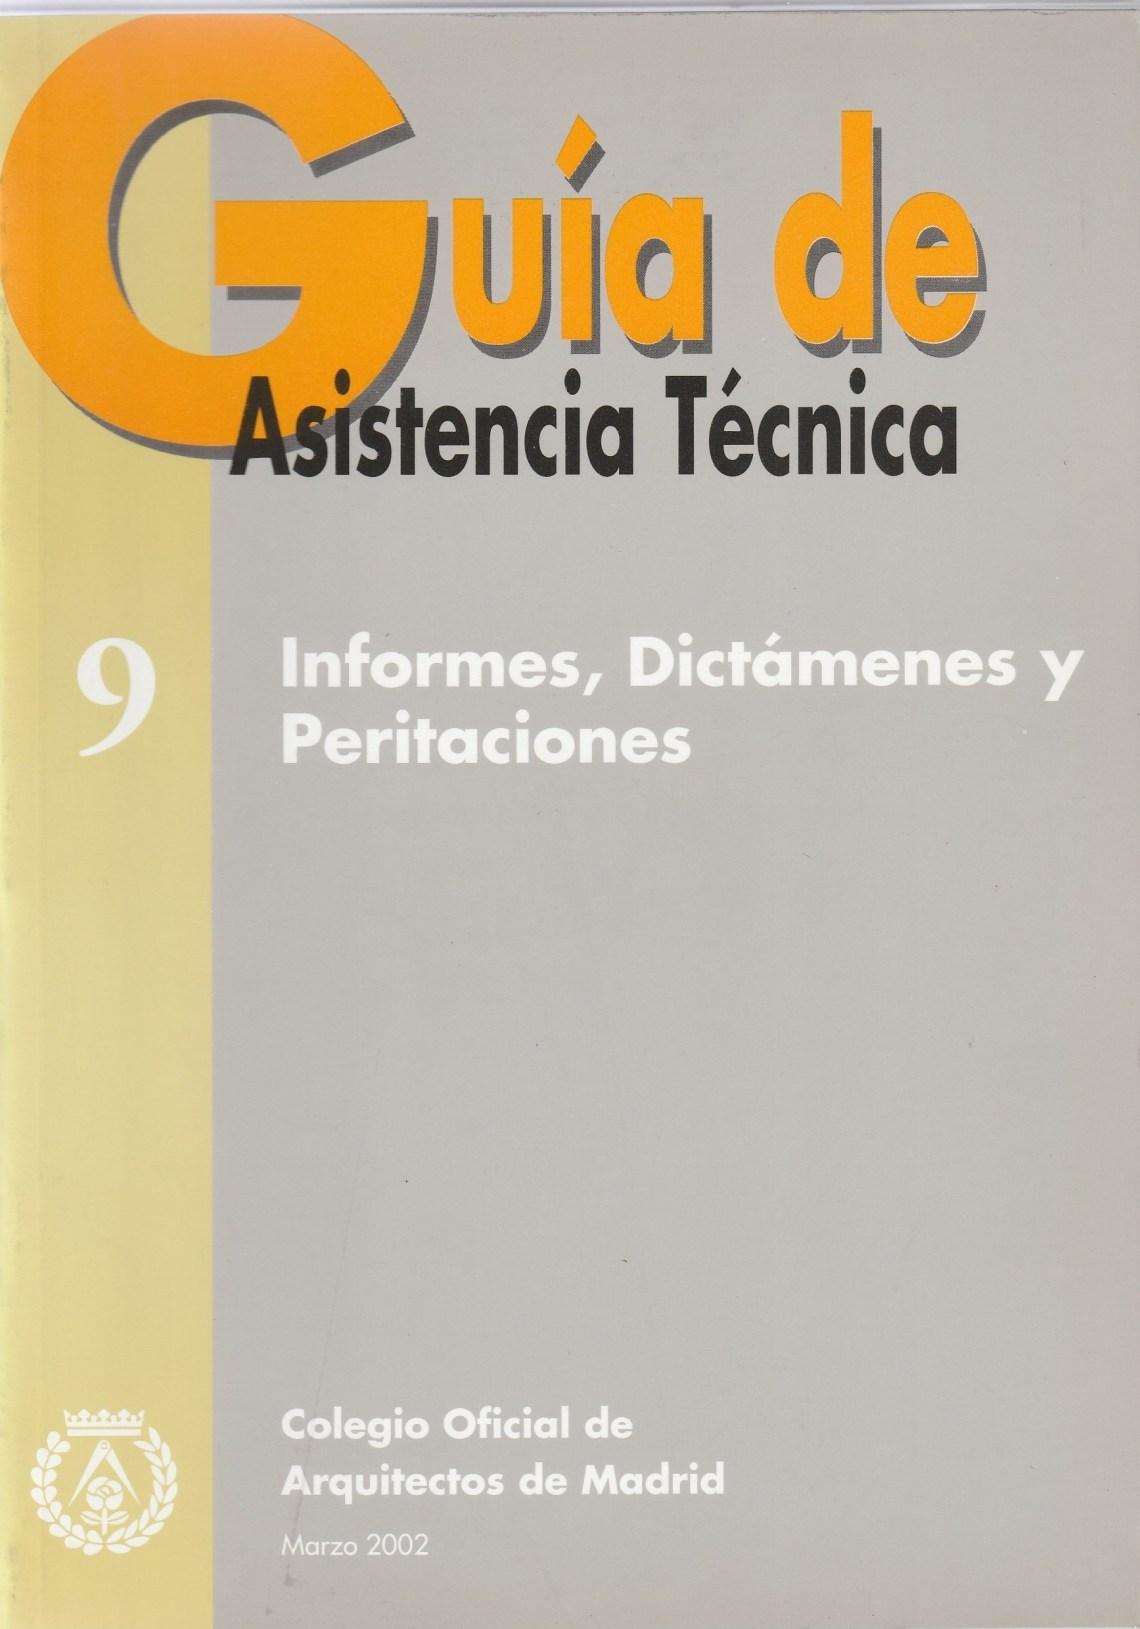 guia asistencia tecnica de peritaciones 1 escrita por Luis Jurado